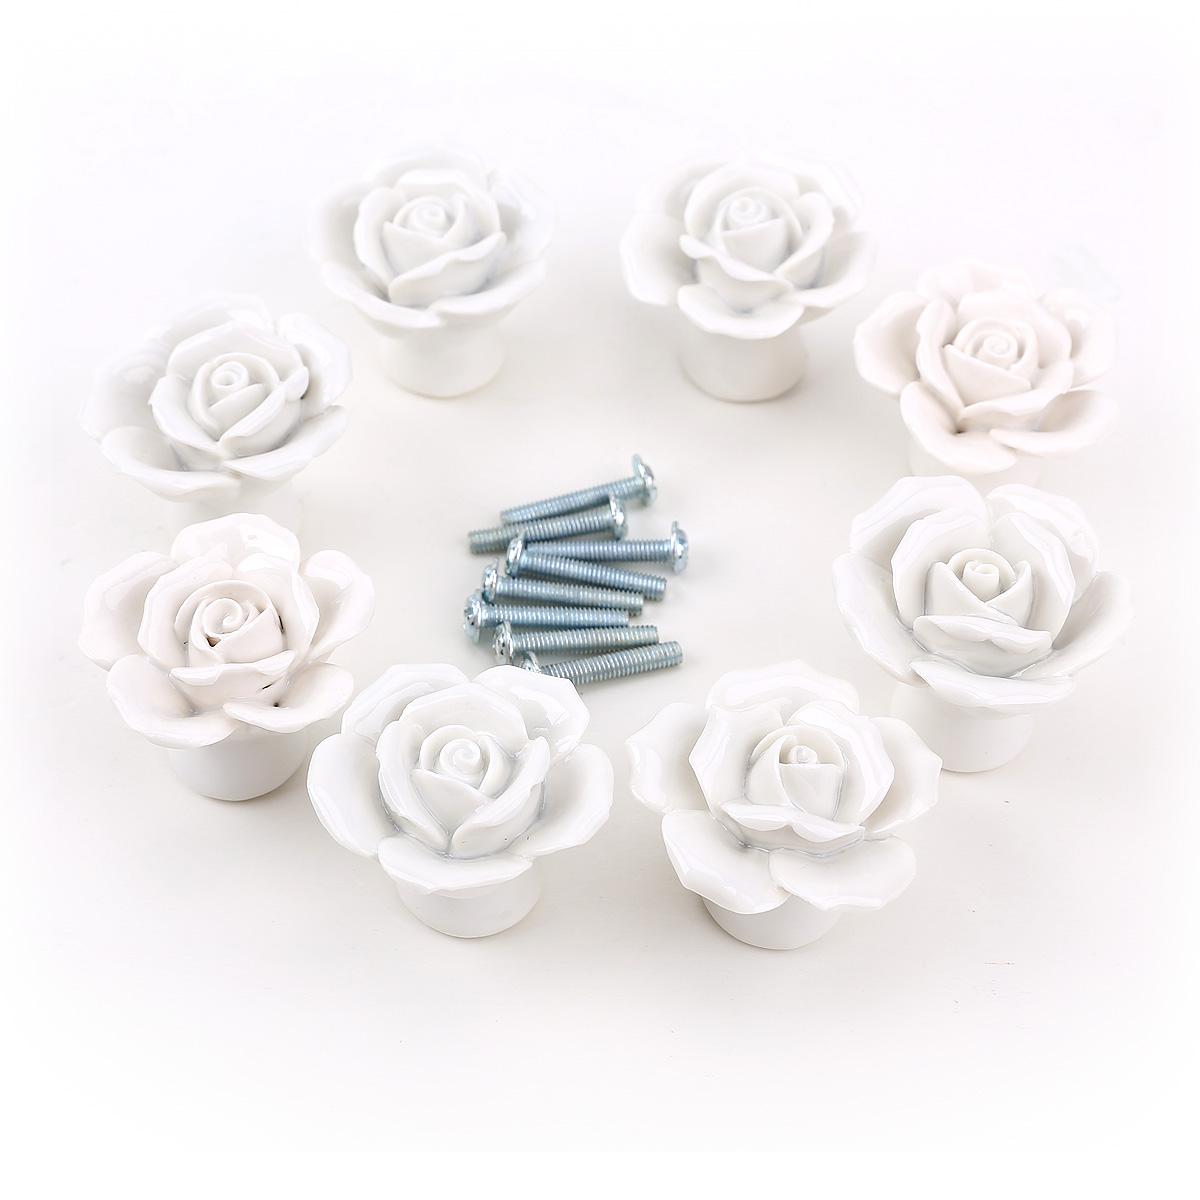 8x white rose ceramic bedroom cabinet cupboard knob drawer handles 8 screws set ebay. Black Bedroom Furniture Sets. Home Design Ideas